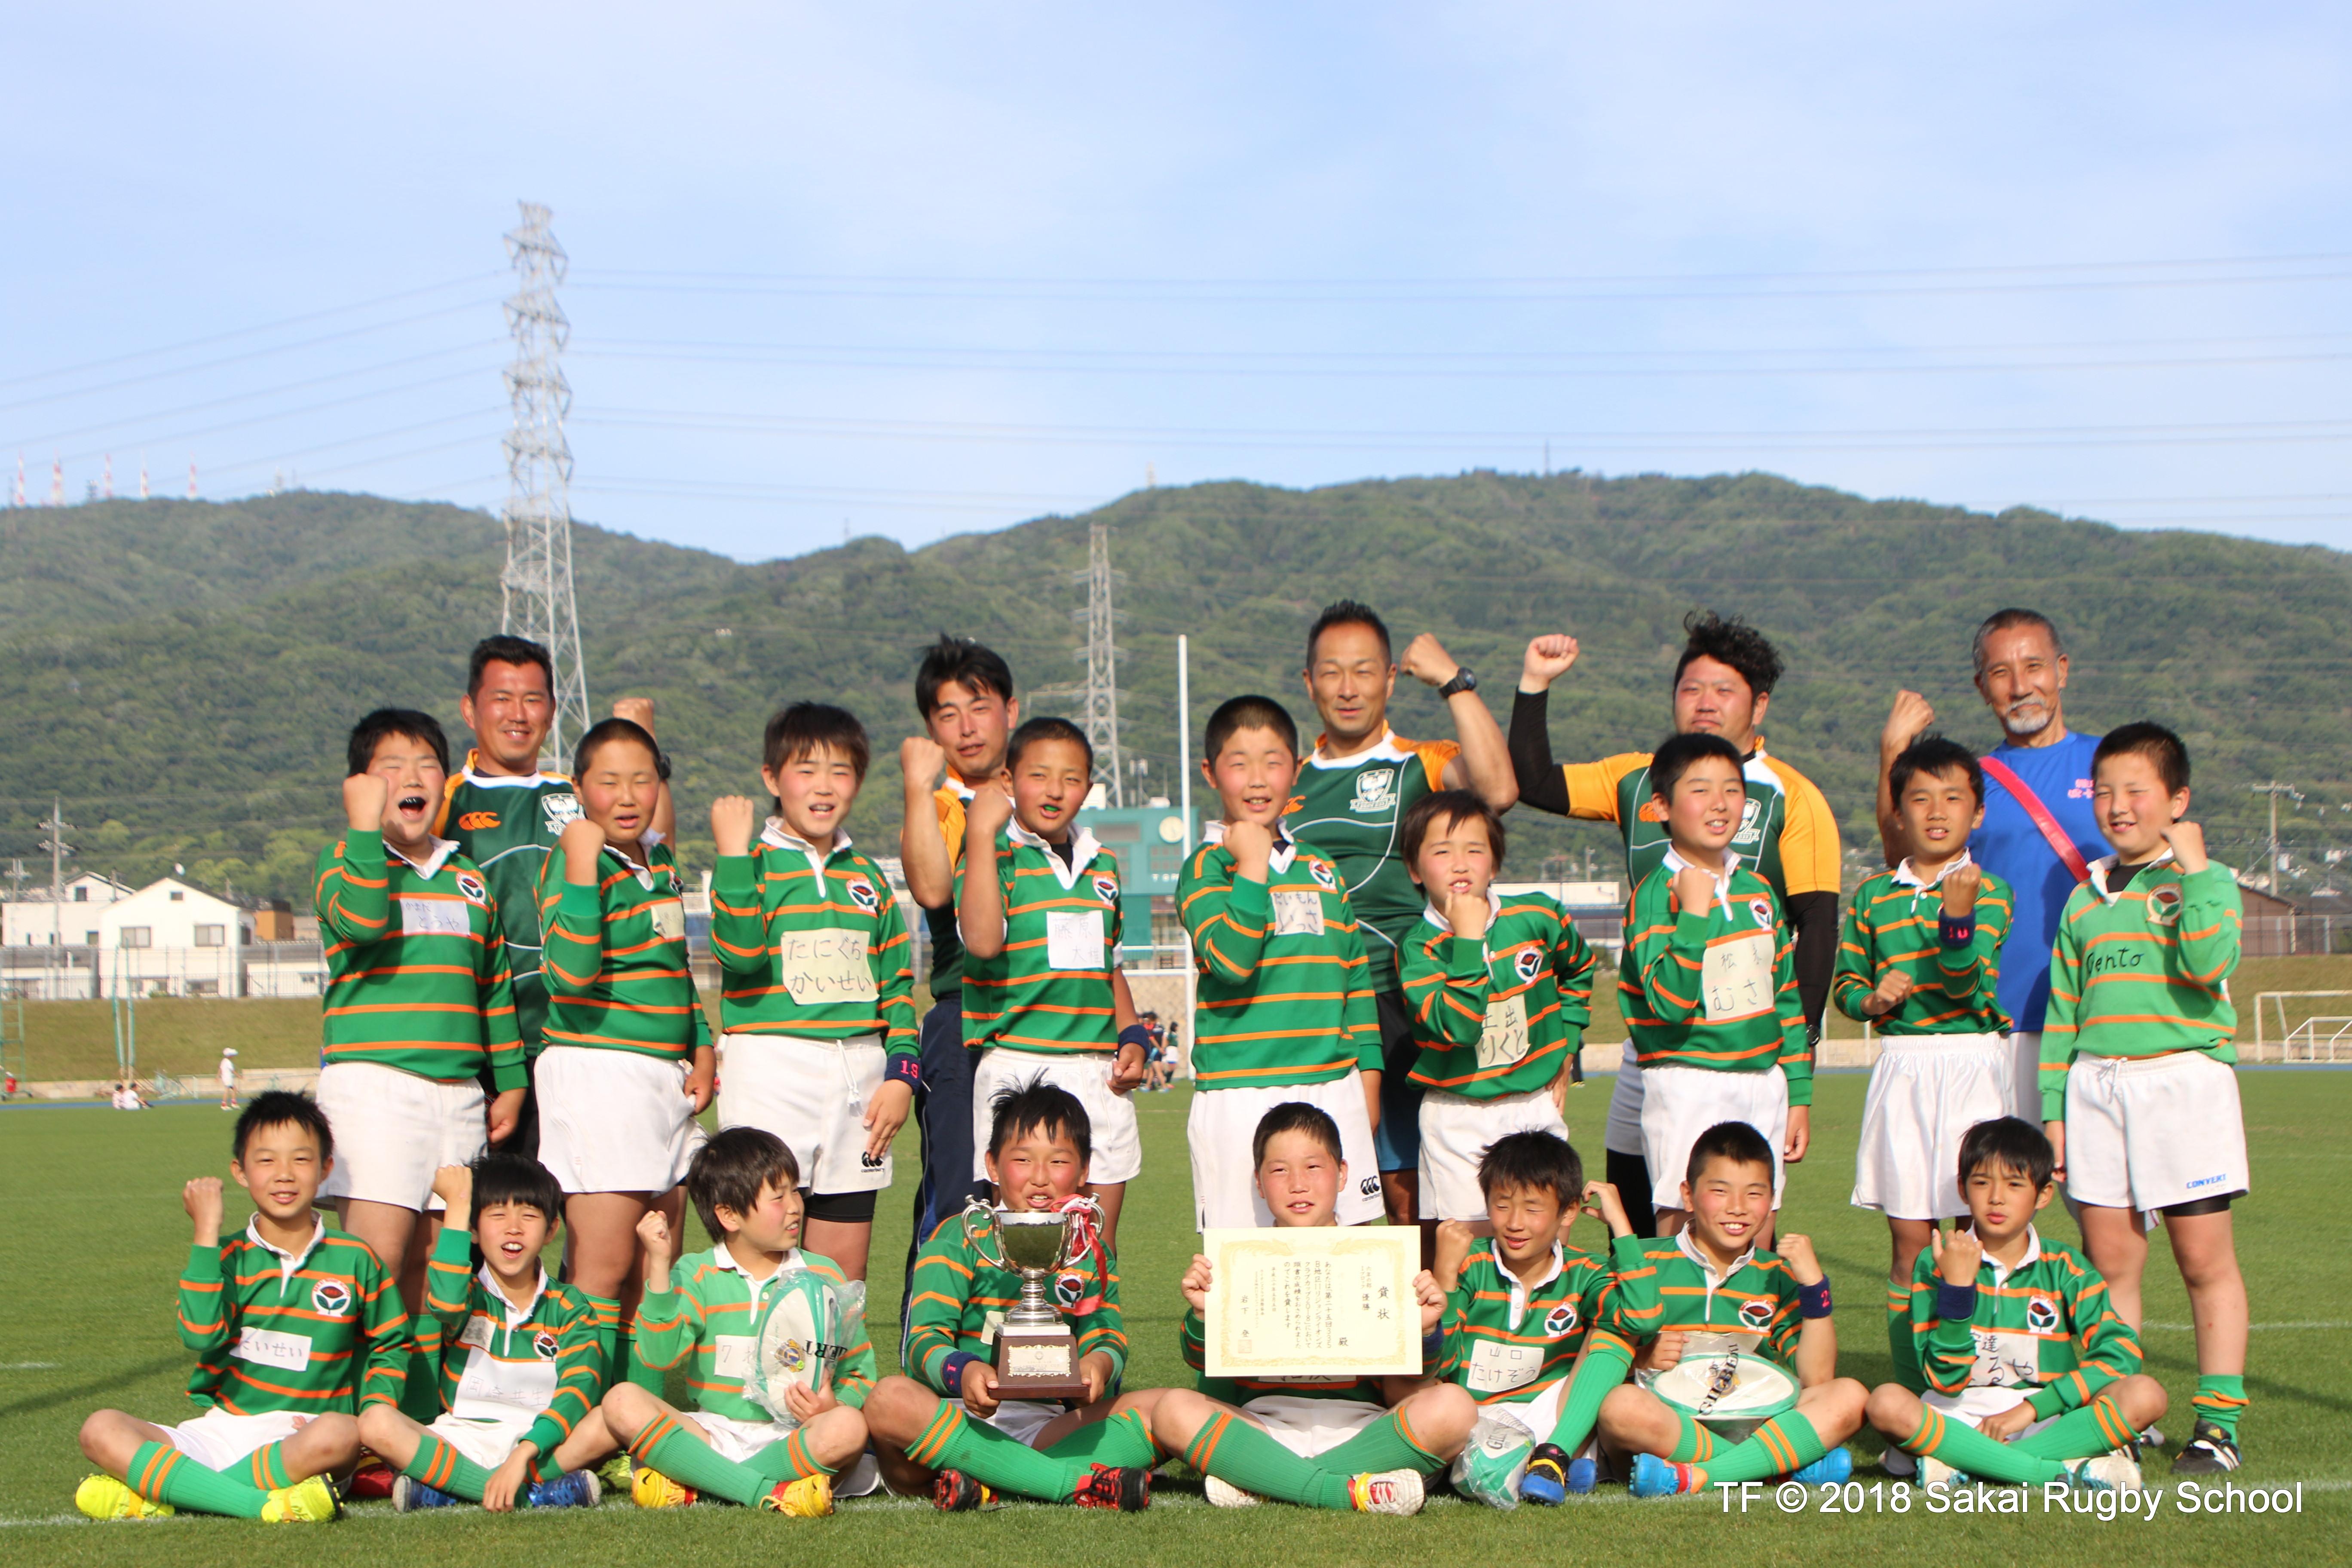 2018-05-05_LionsCup_3425